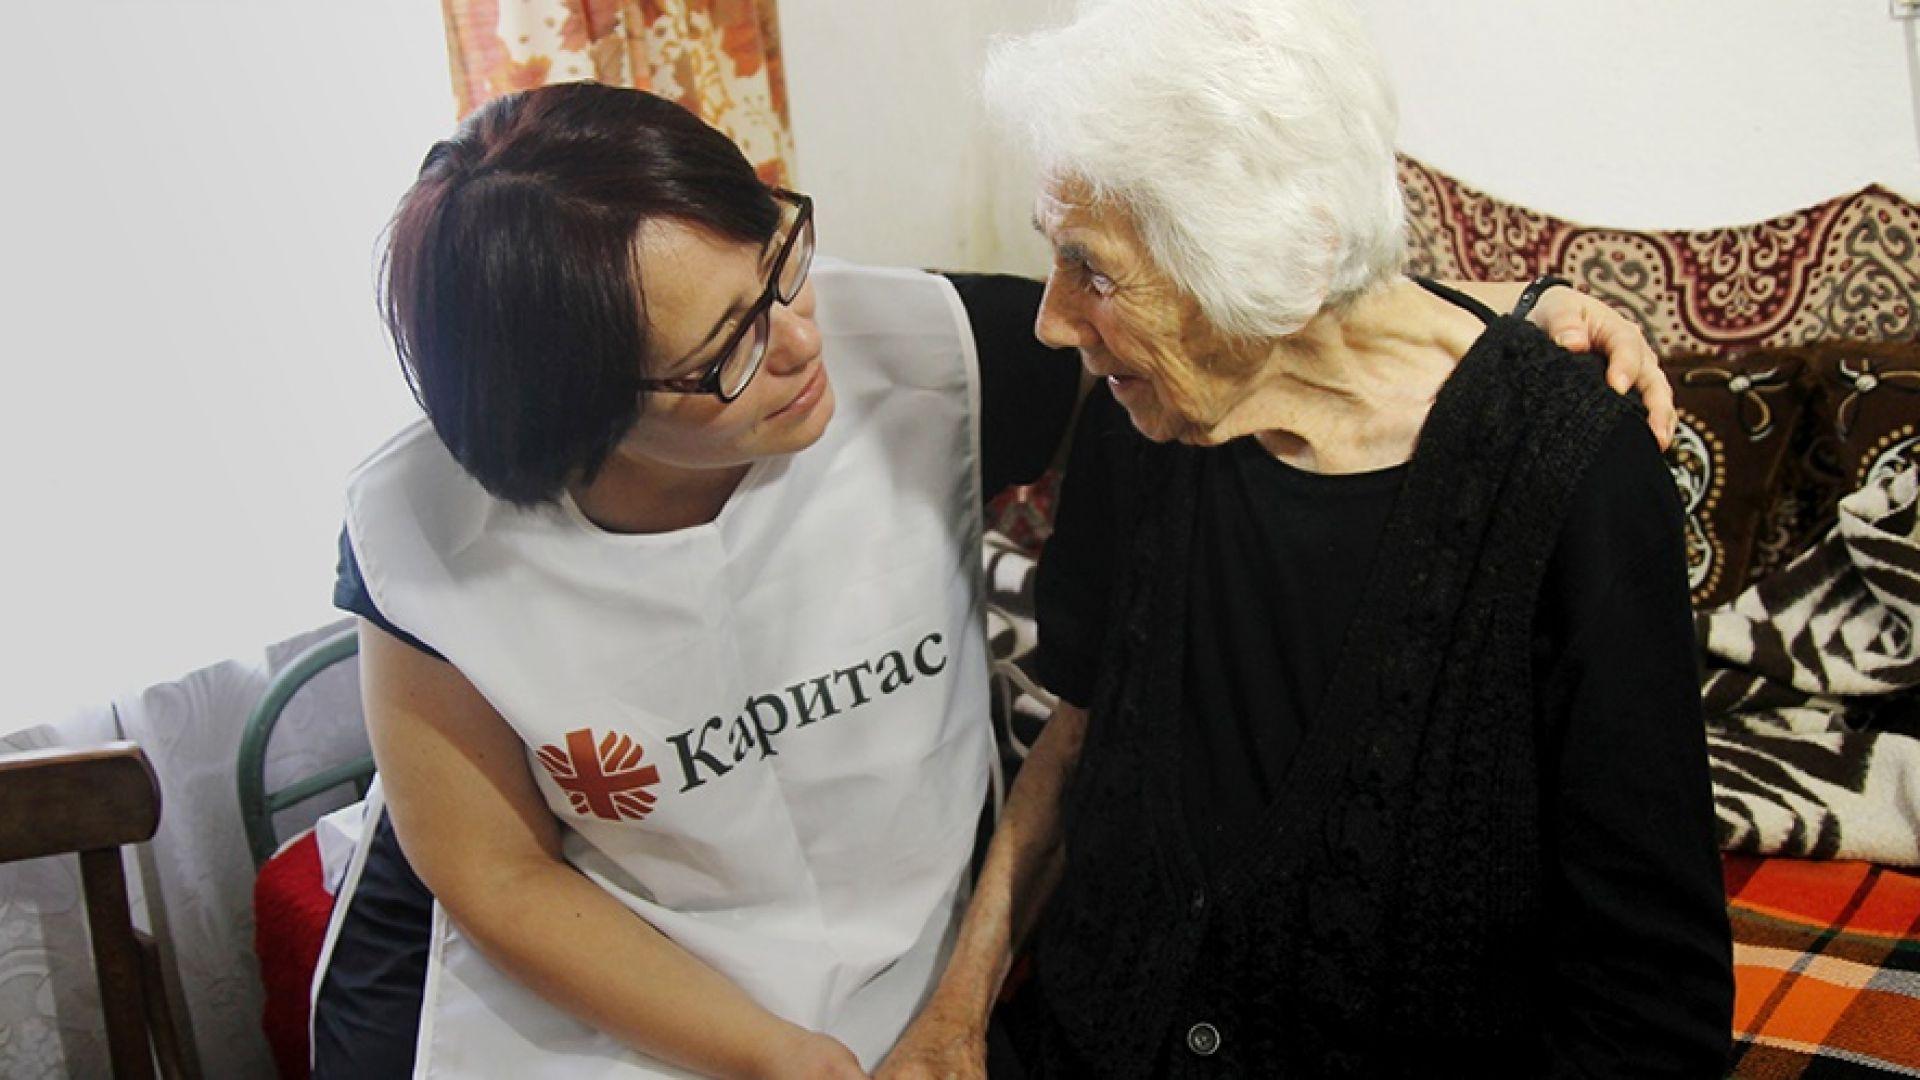 Дарителска кампания осигурява достойни старини за десетки възрастни българи